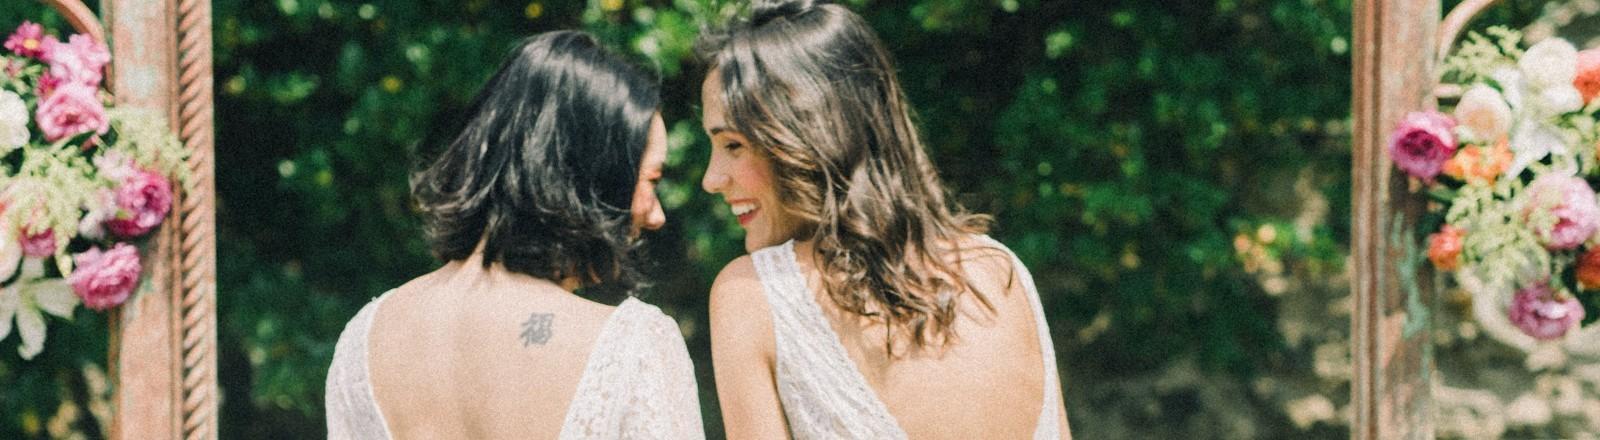 Zwei Frauen heiraten